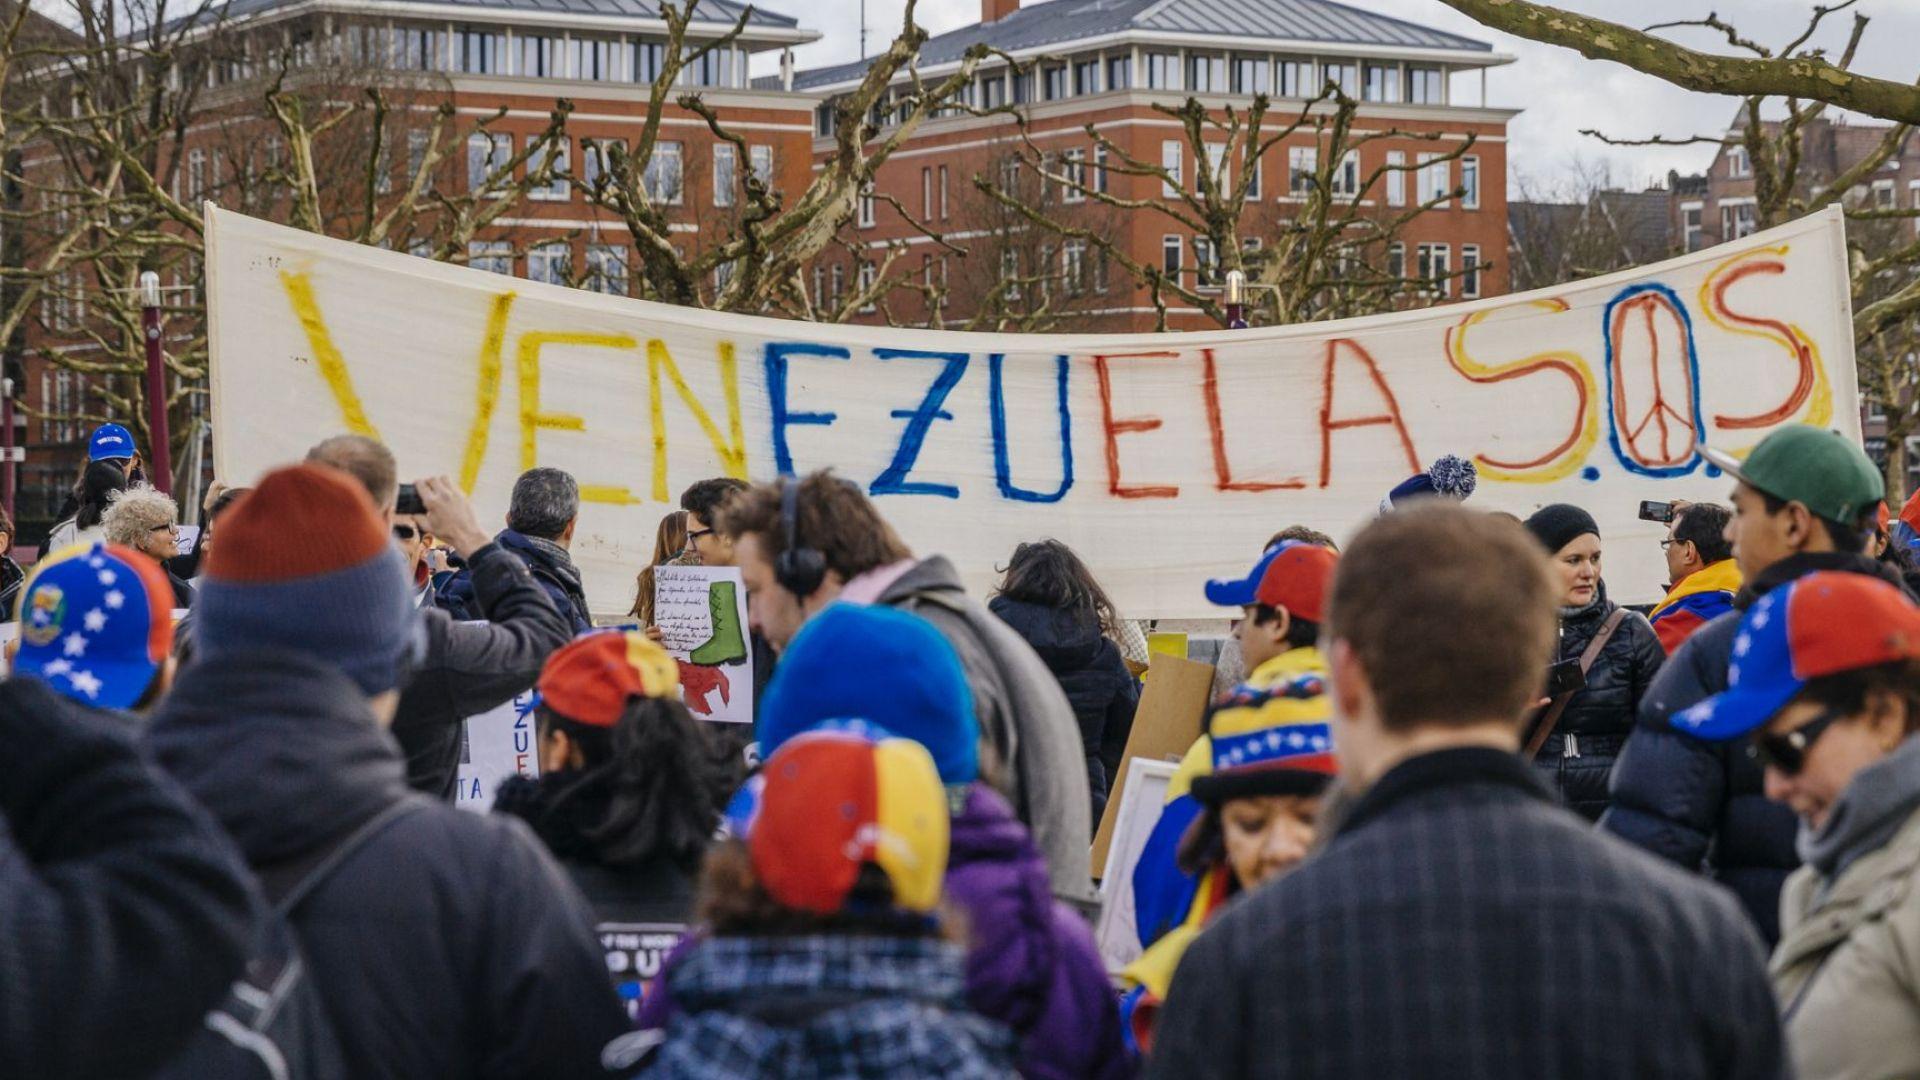 Близо 3000 процента инфлация във Венецуела за 2020-а